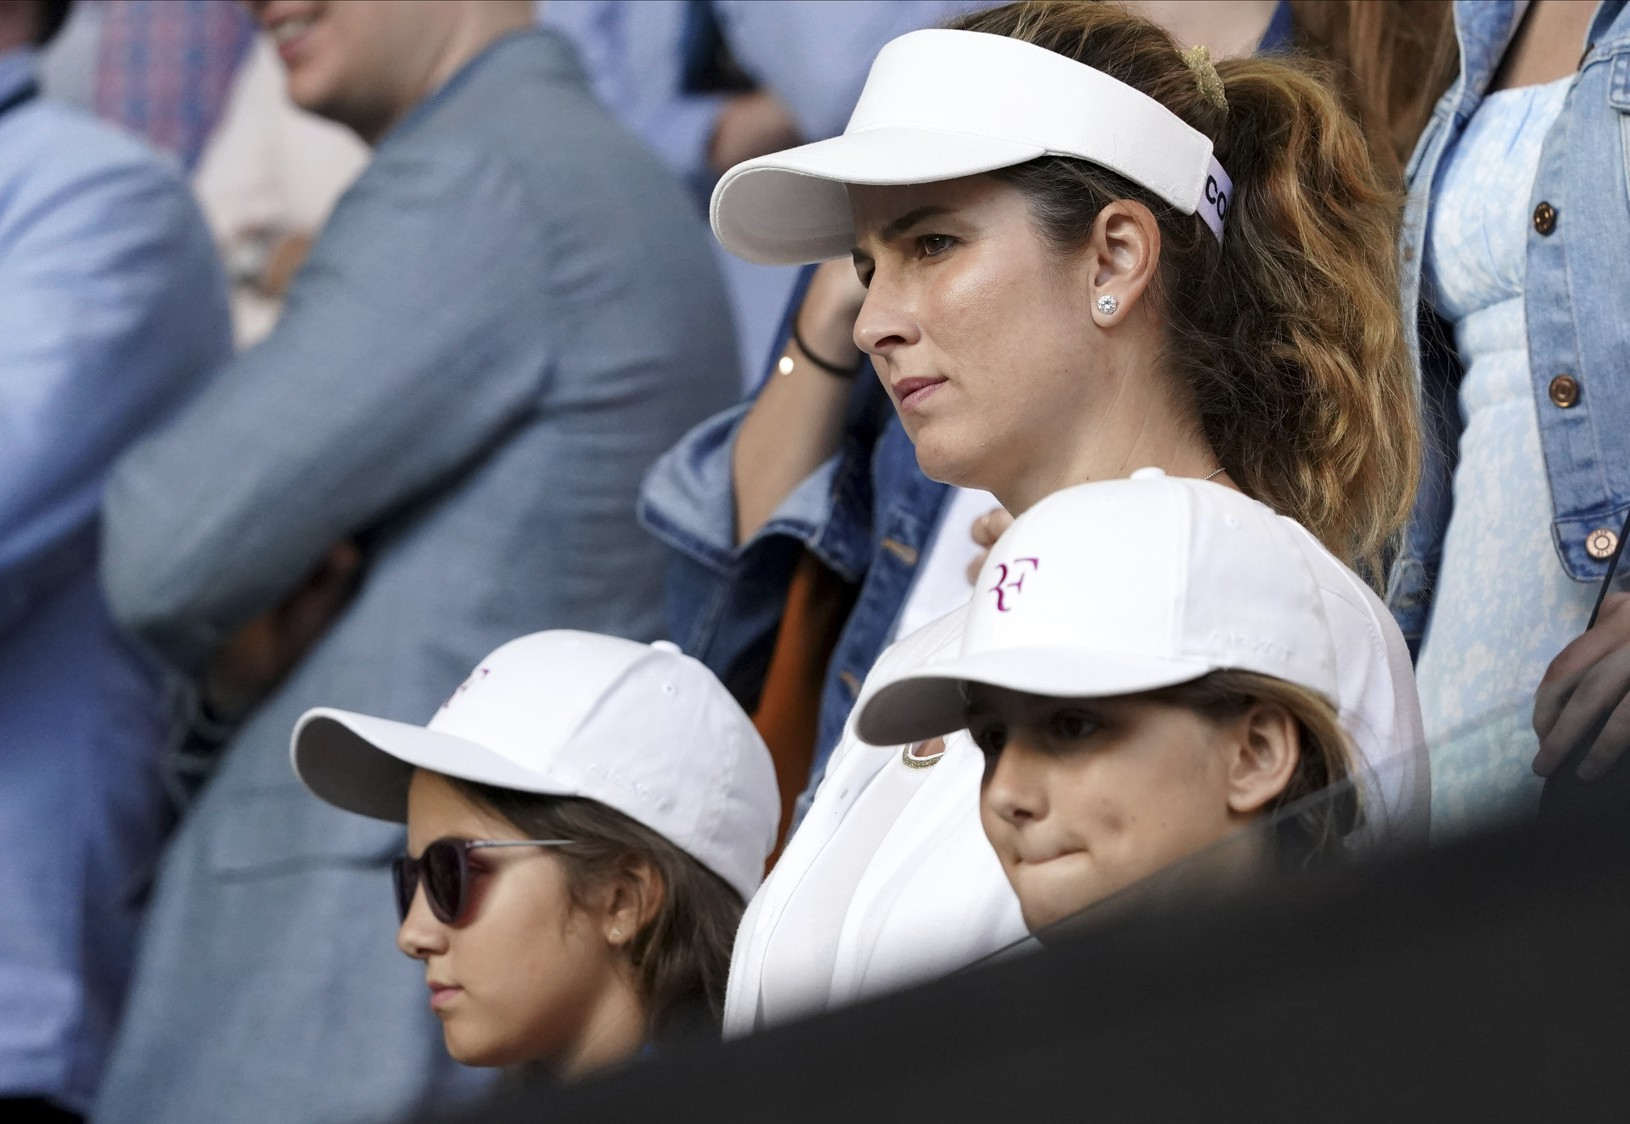 Mirka Federerová